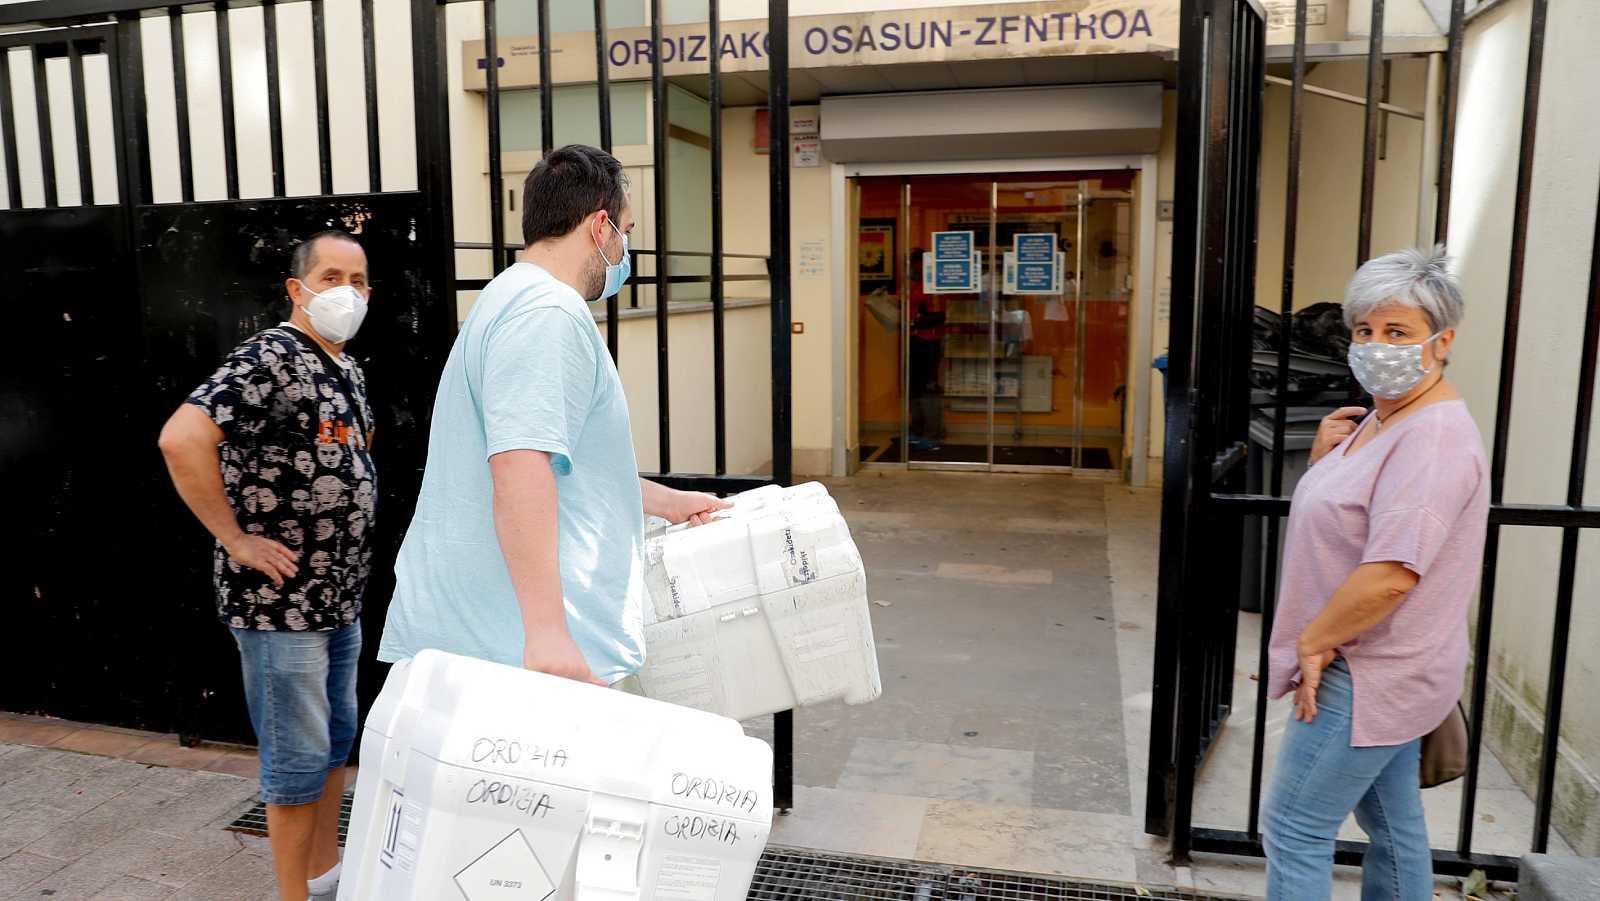 Mascarilla obligatoria y límites al ocio para contener un foco de coronavirus en Ordizia